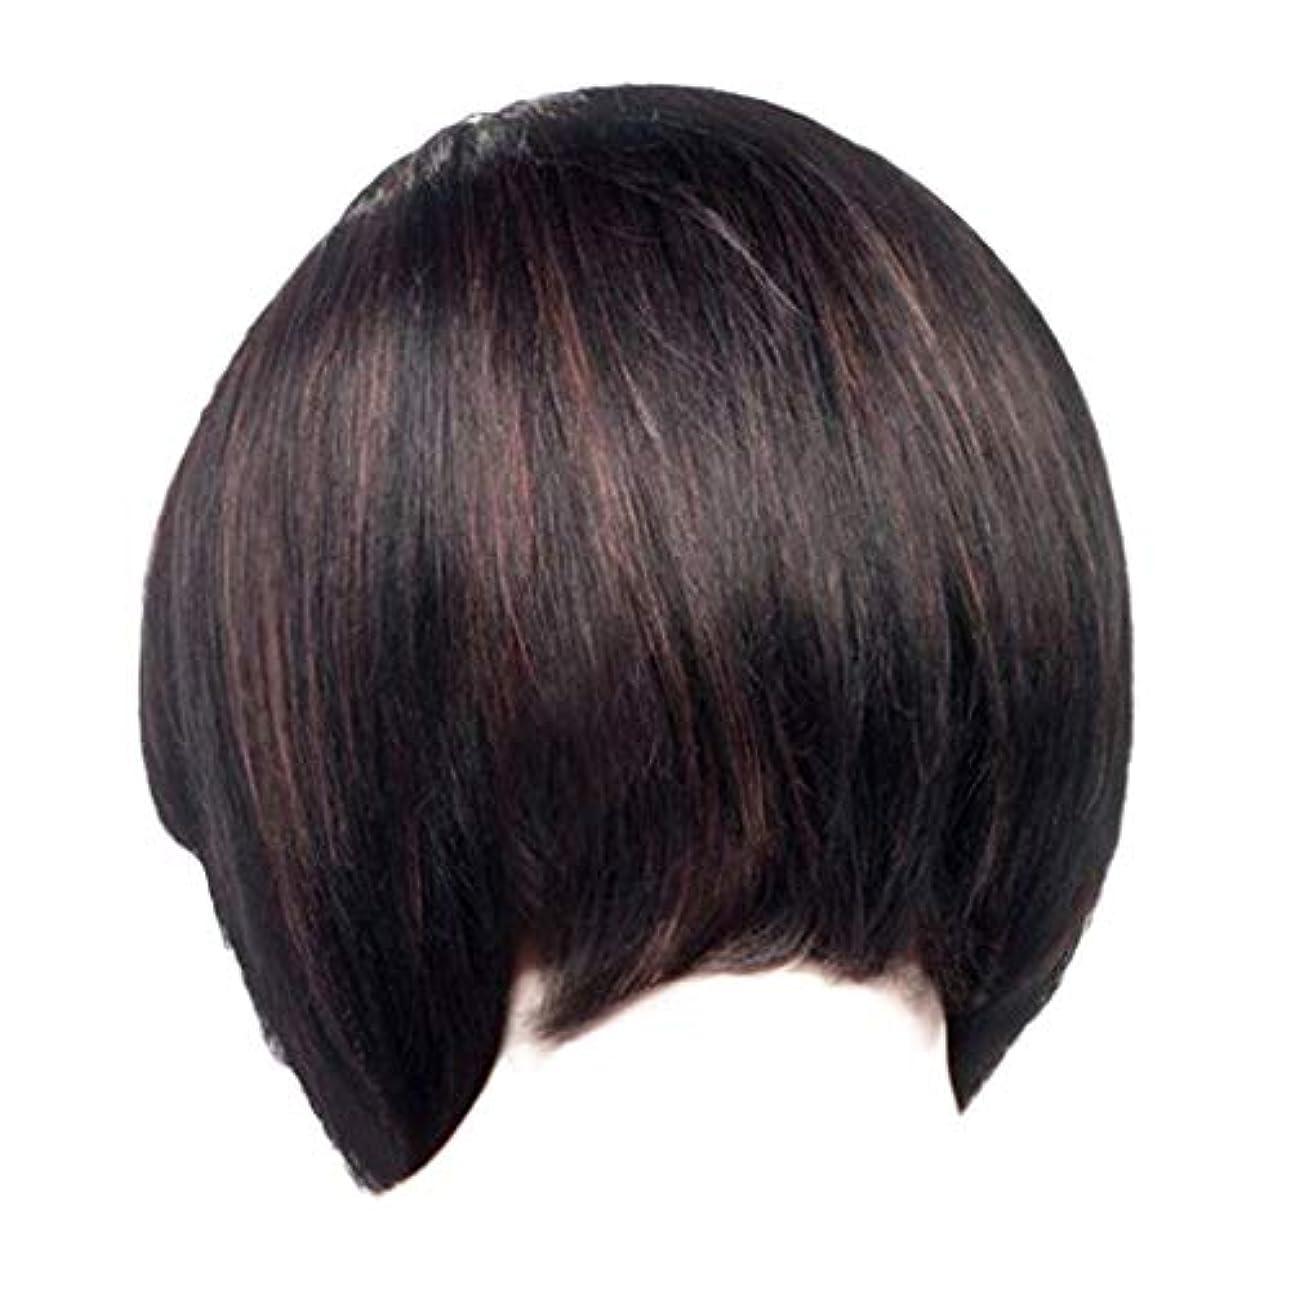 織る通行料金ハンサムウィッグレディースファッションブラックショートストレートヘアナチュラルウィッグローズヘアネット